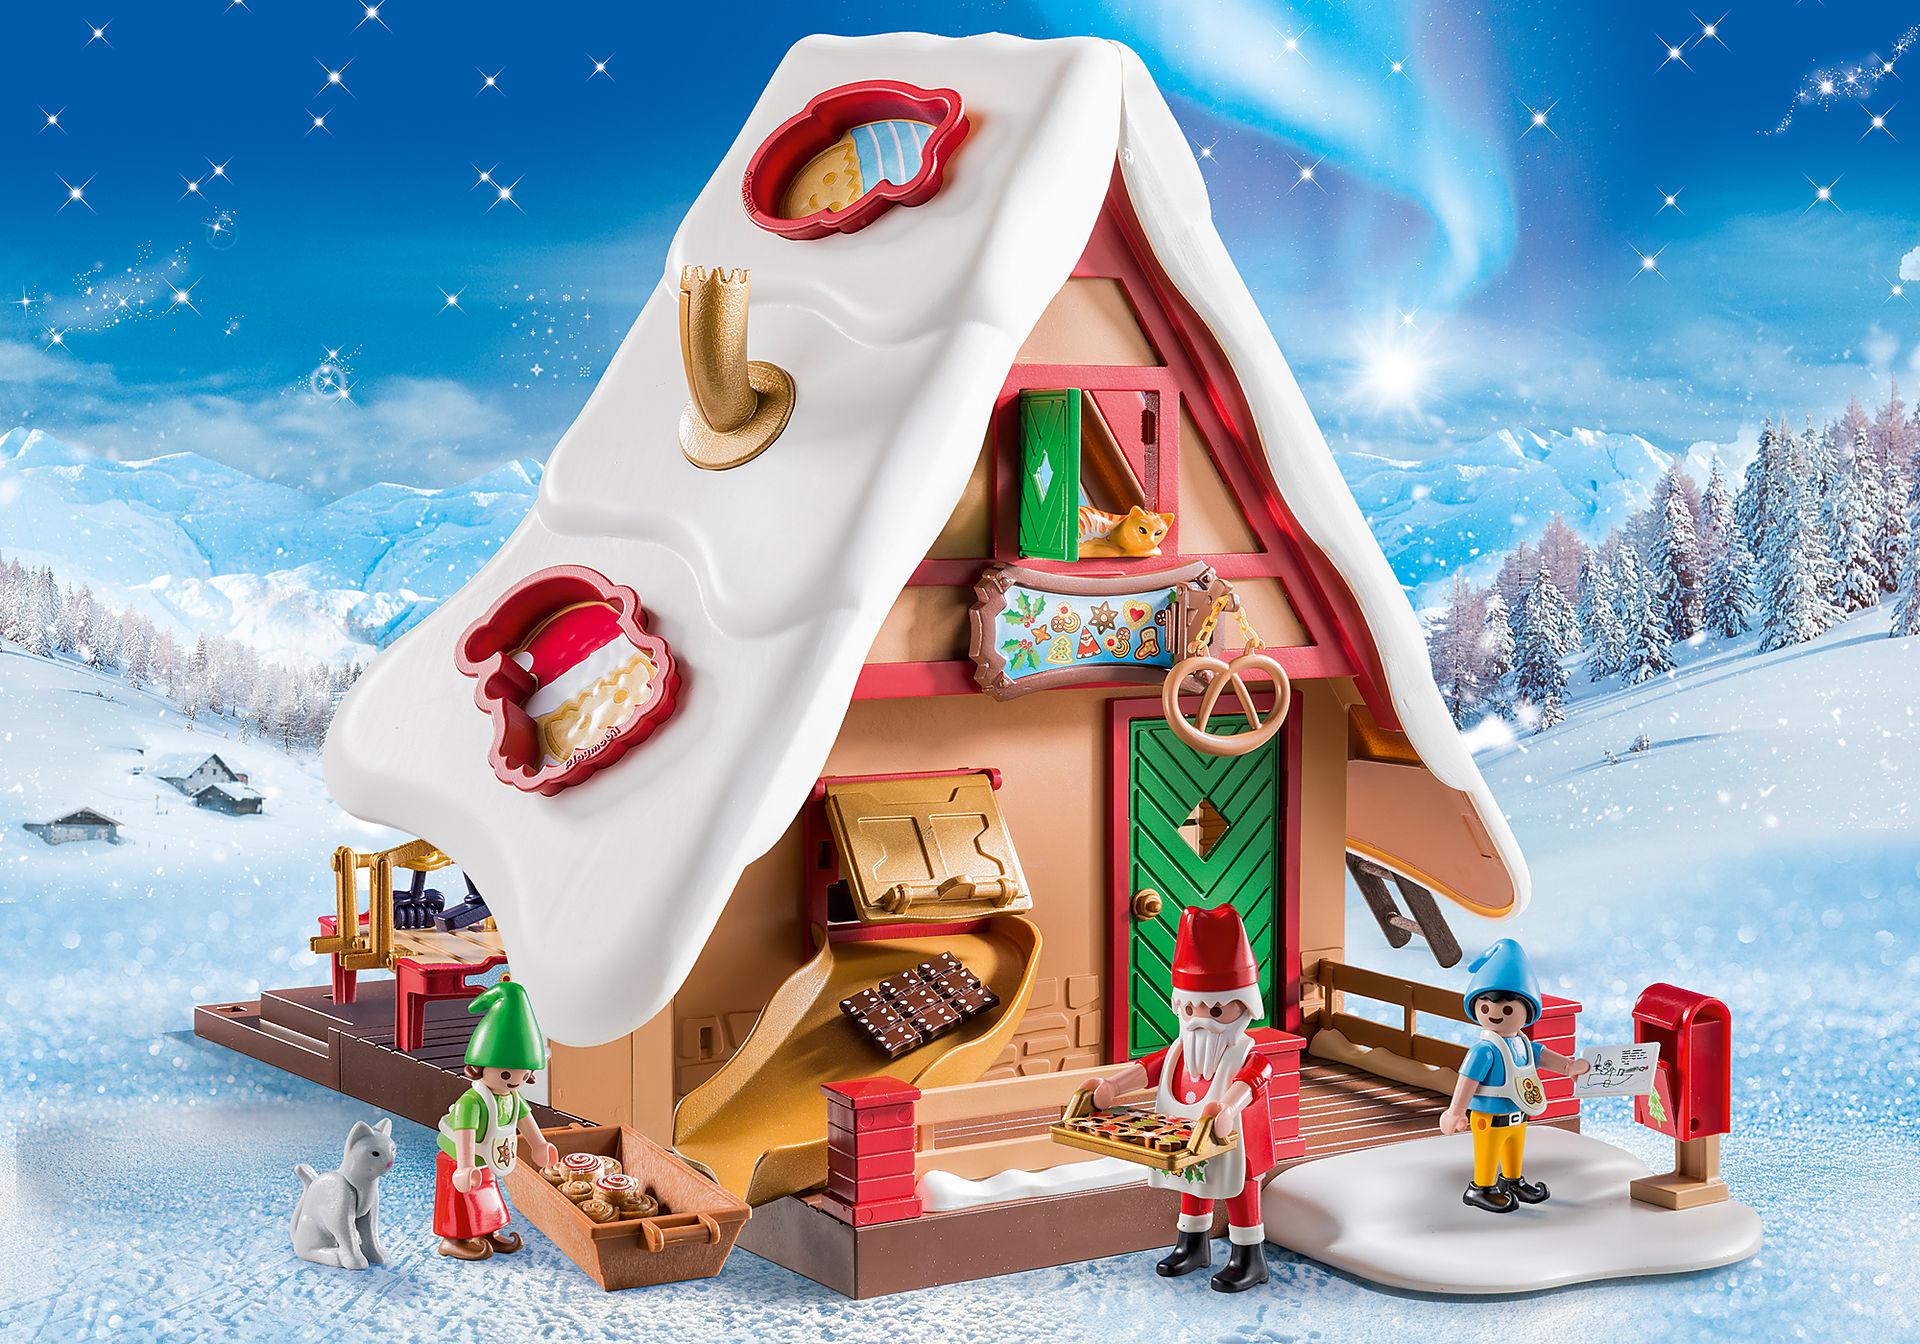 9493 Julebageri med småkageskærere zoom image1